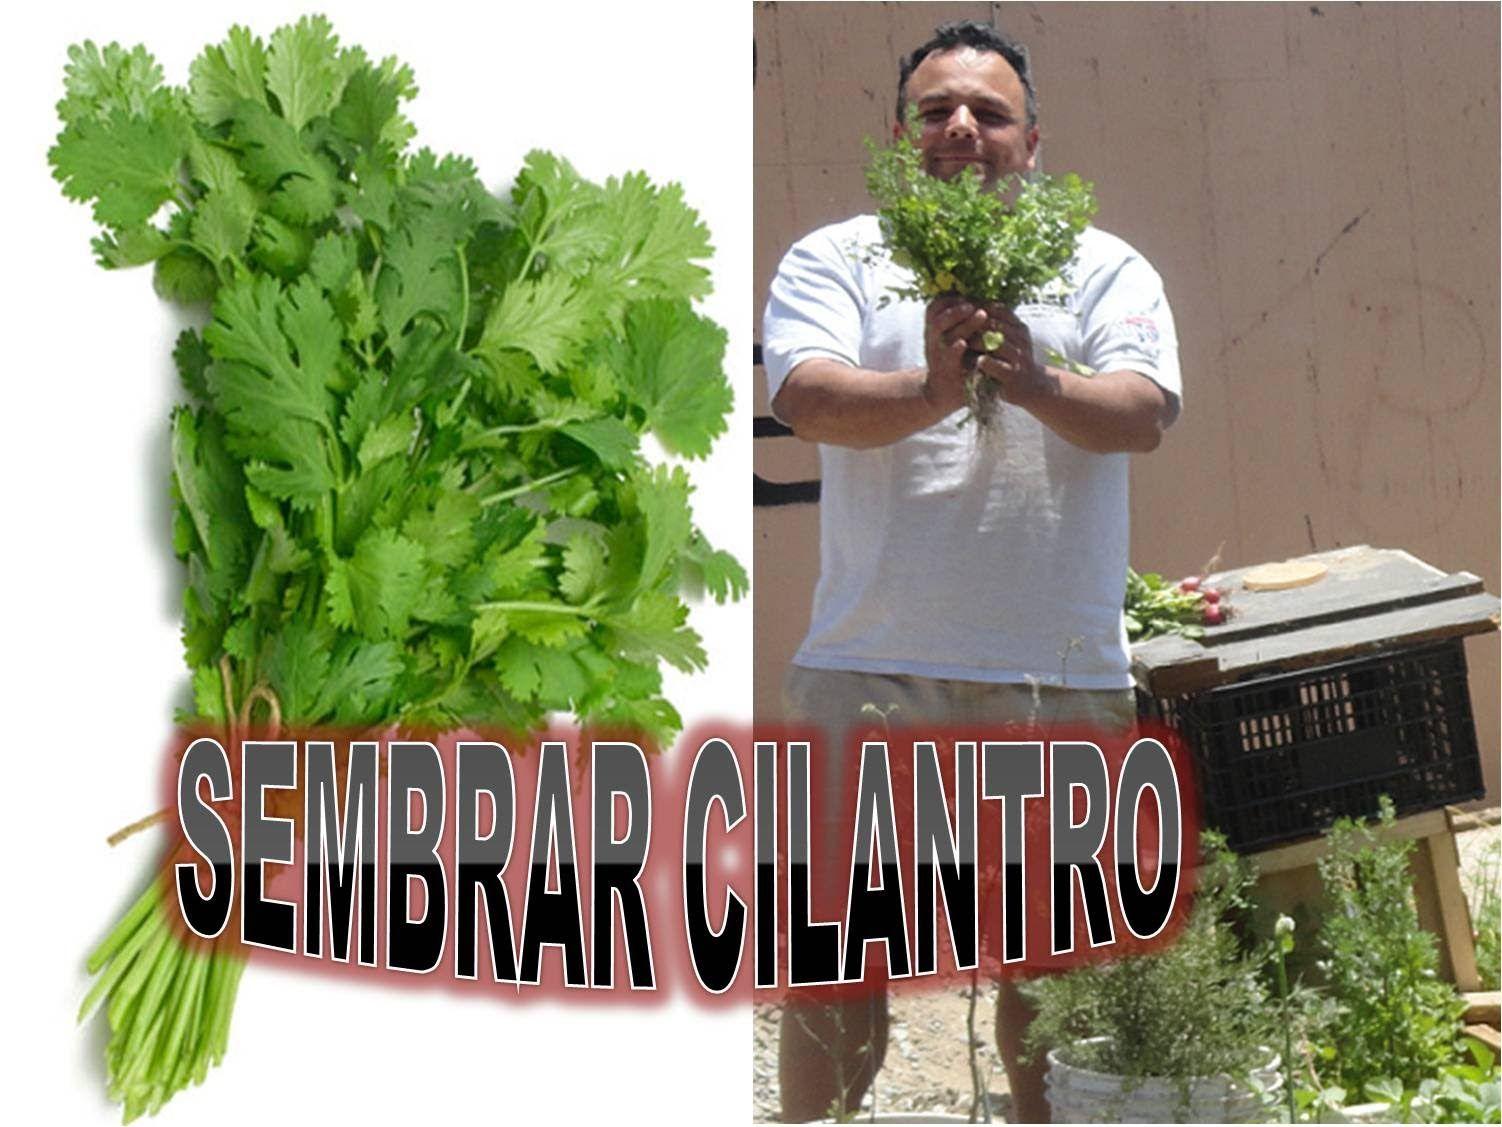 Como sembrar cilantro plantas pinterest como sembrar for Como sembrar plantas ornamentales